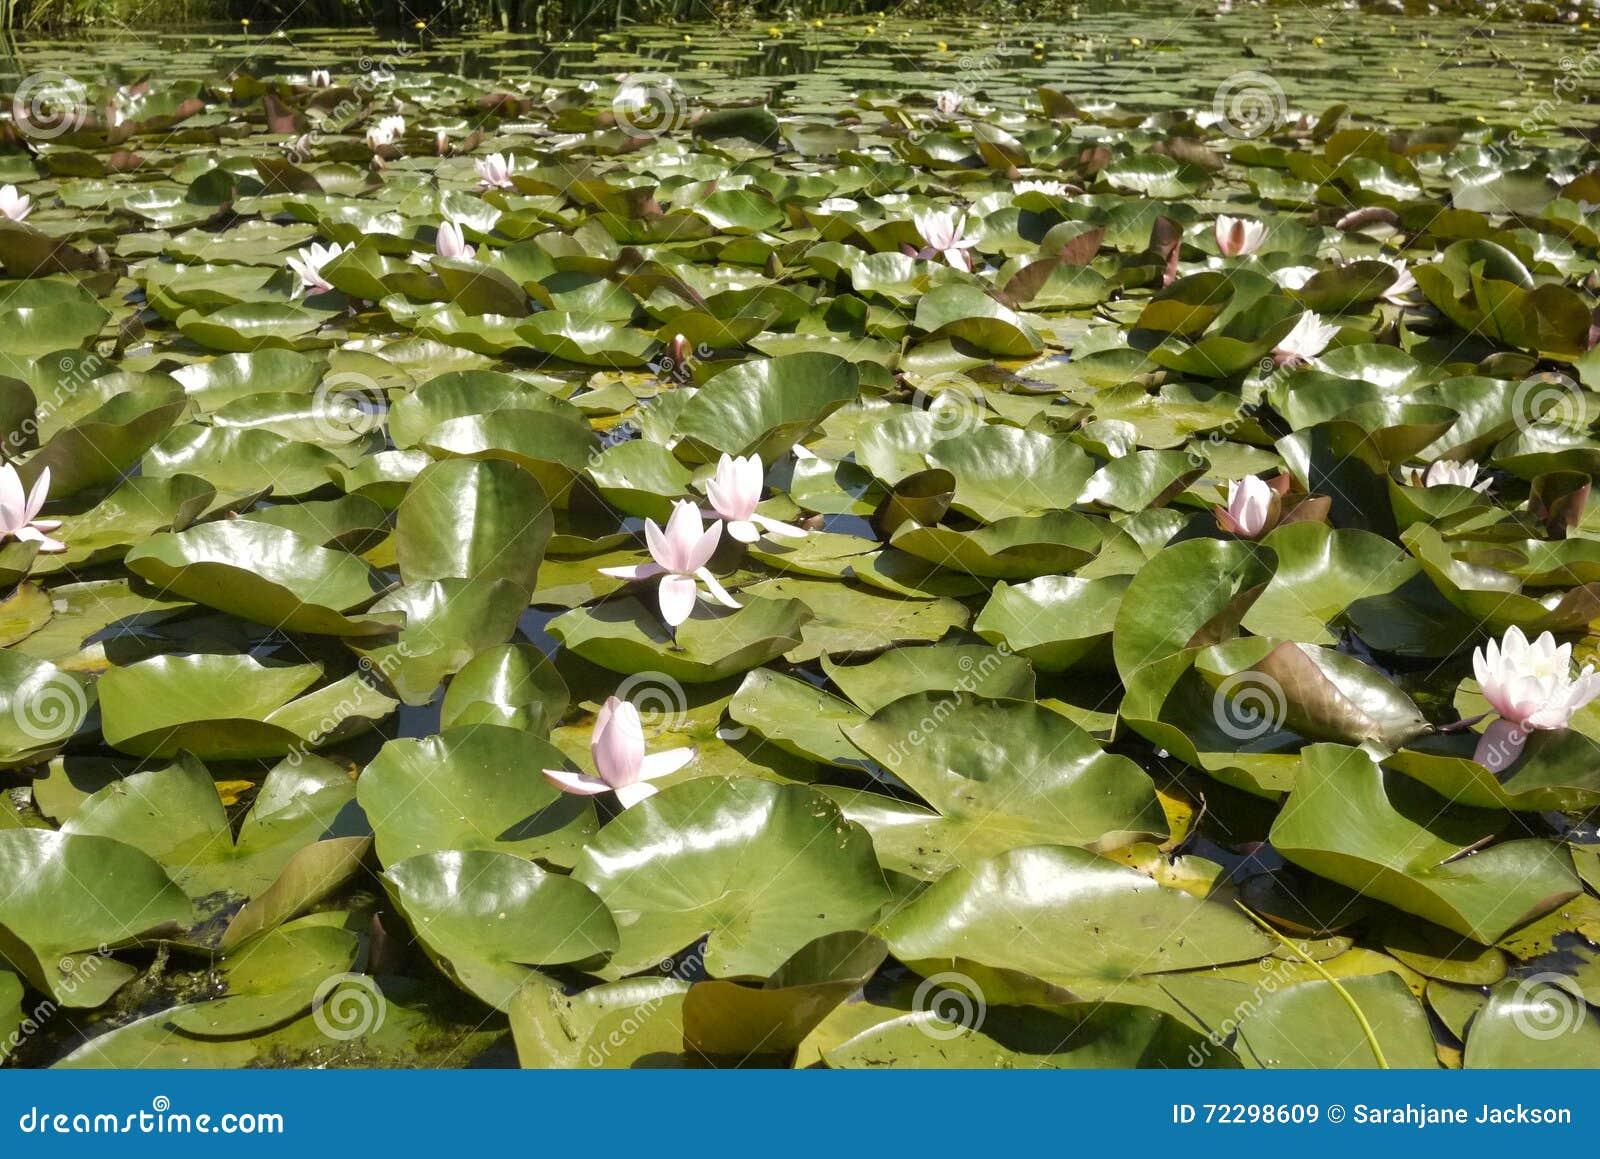 Download Сотни пусковых площадок и цветков лилии Стоковое Изображение - изображение насчитывающей заволакивание, alric: 72298609